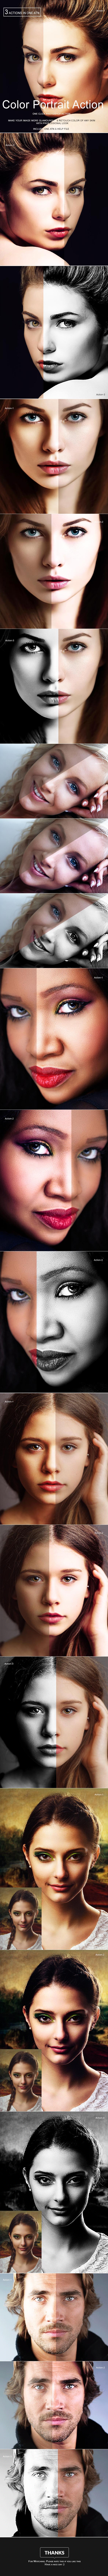 Color Portrait Action - Photo Effects Actions